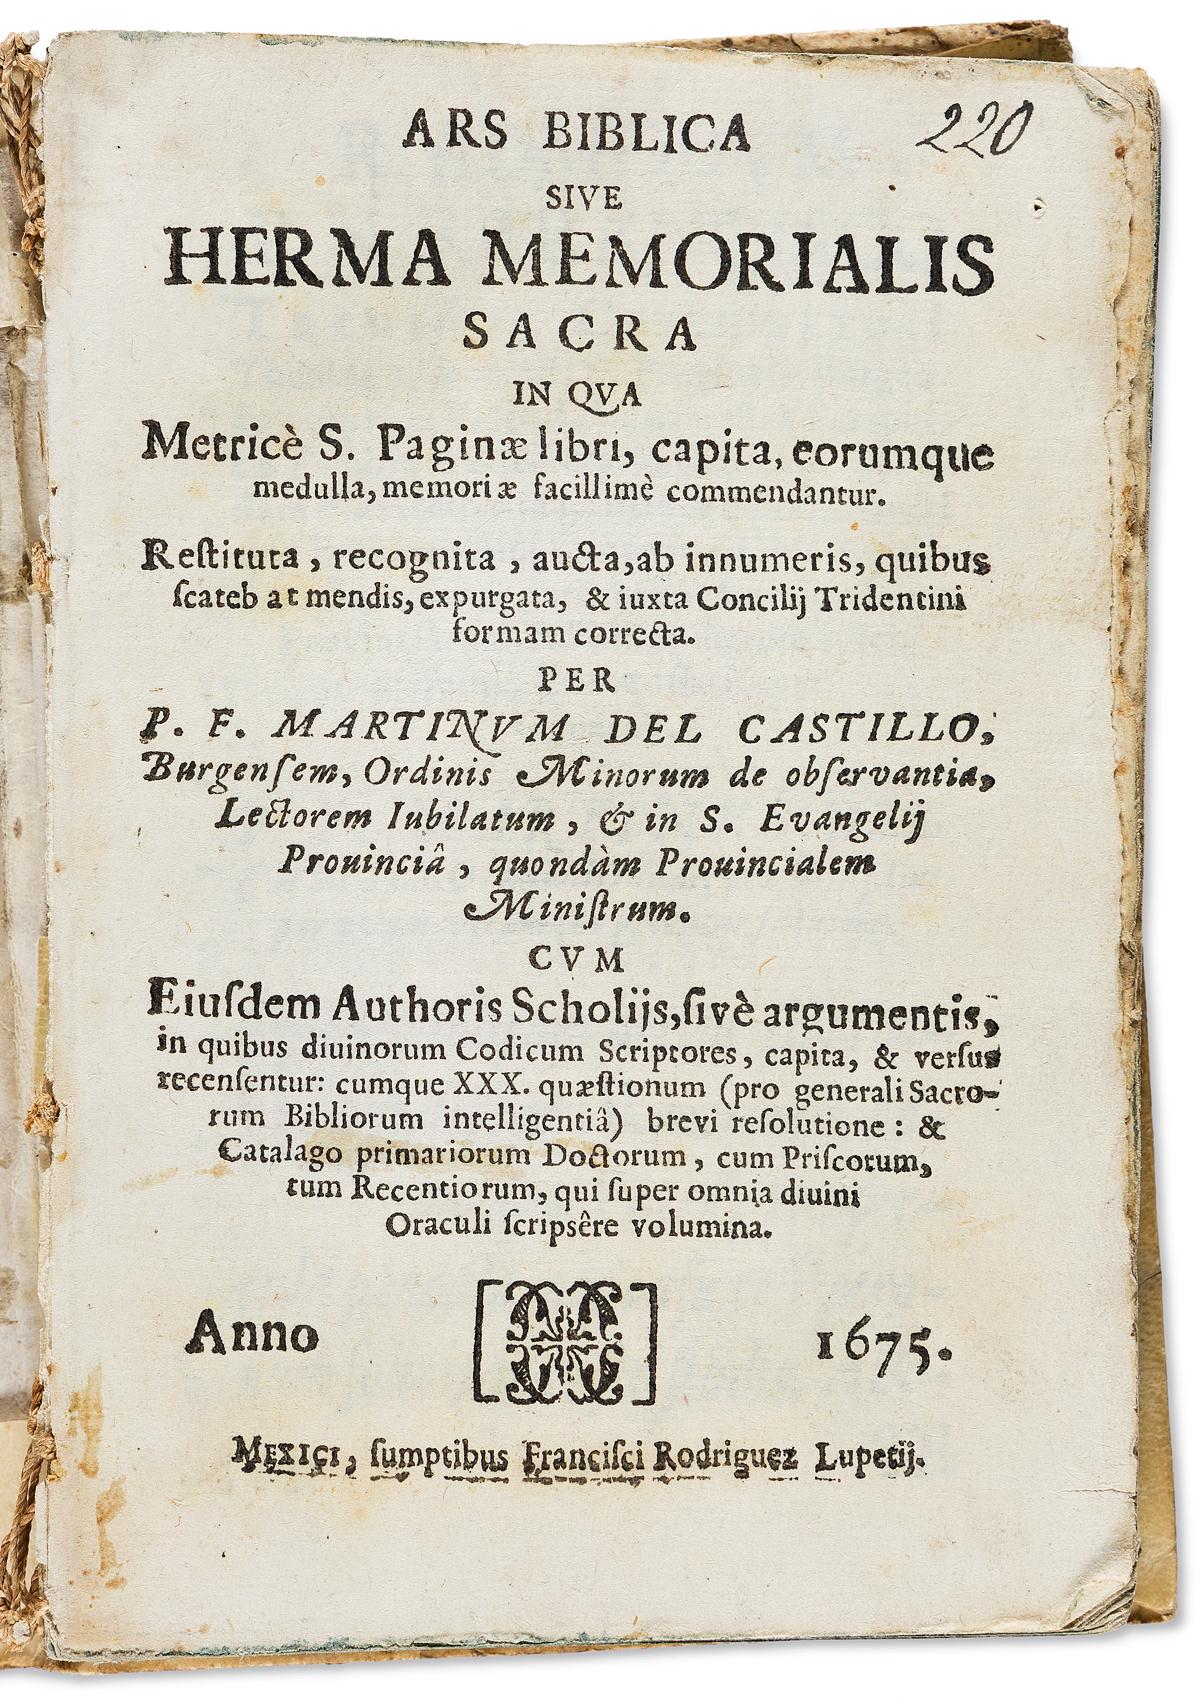 (MEXICAN IMPRINT--1675.) Martín del Castillo. Ars biblica sive herma memorialis sacra.